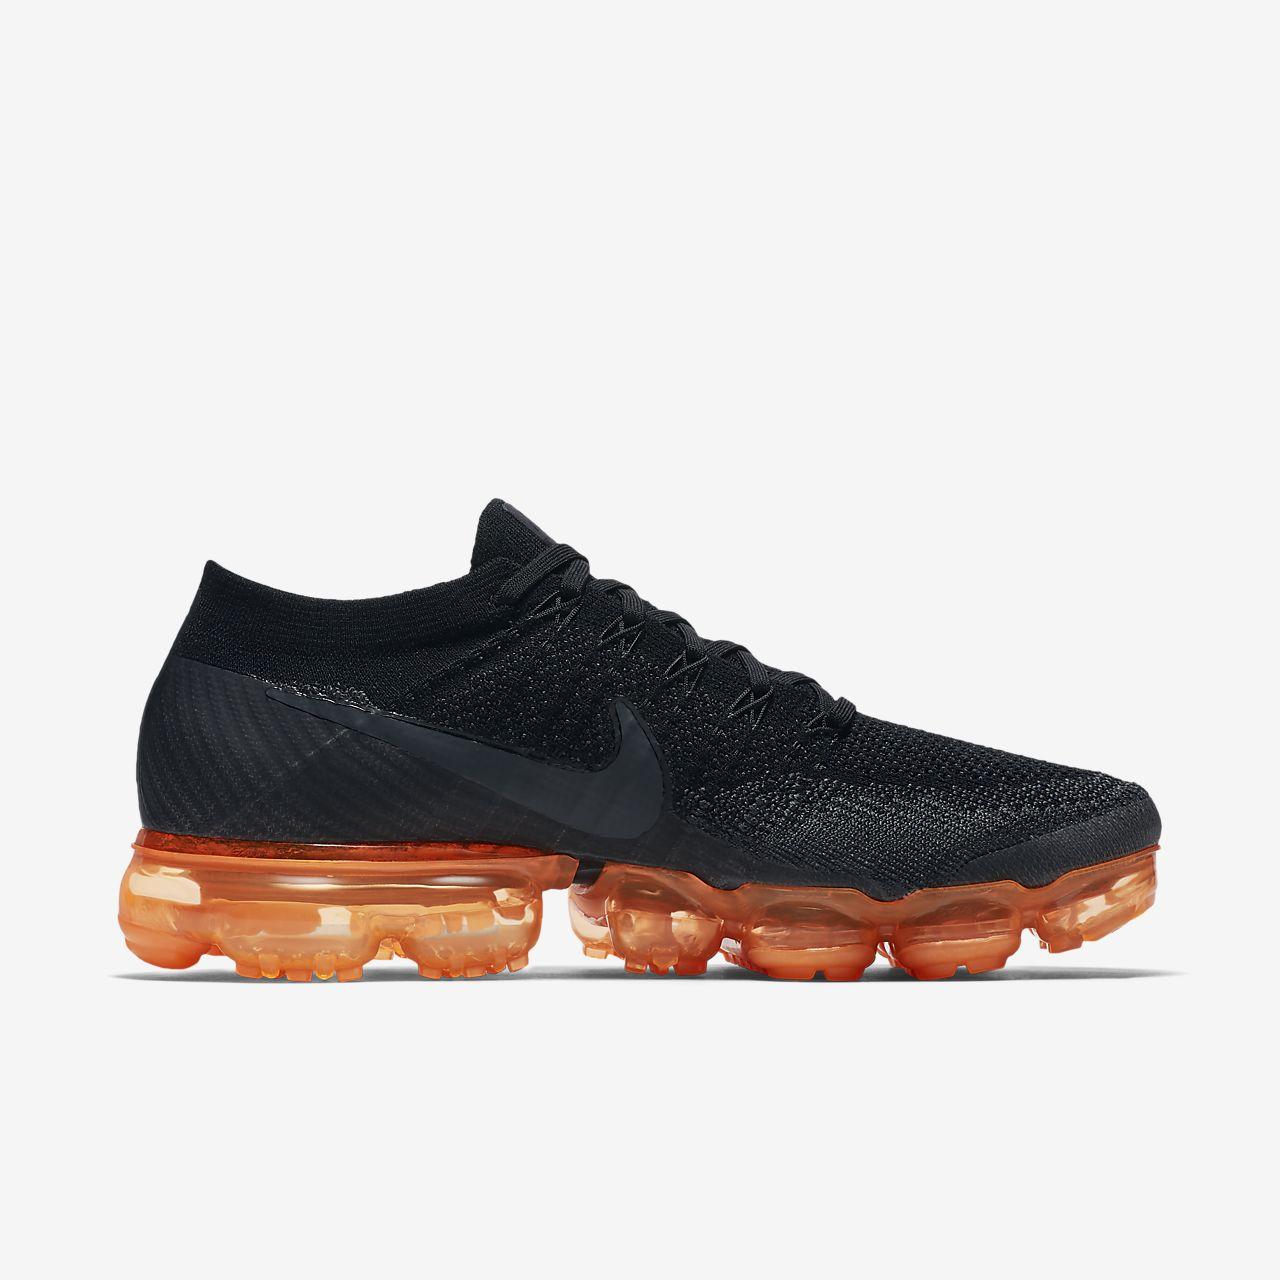 45758e2b88e2 Nike Air VaporMax Flyknit Black Pop Men s Shoe. Nike.com SG